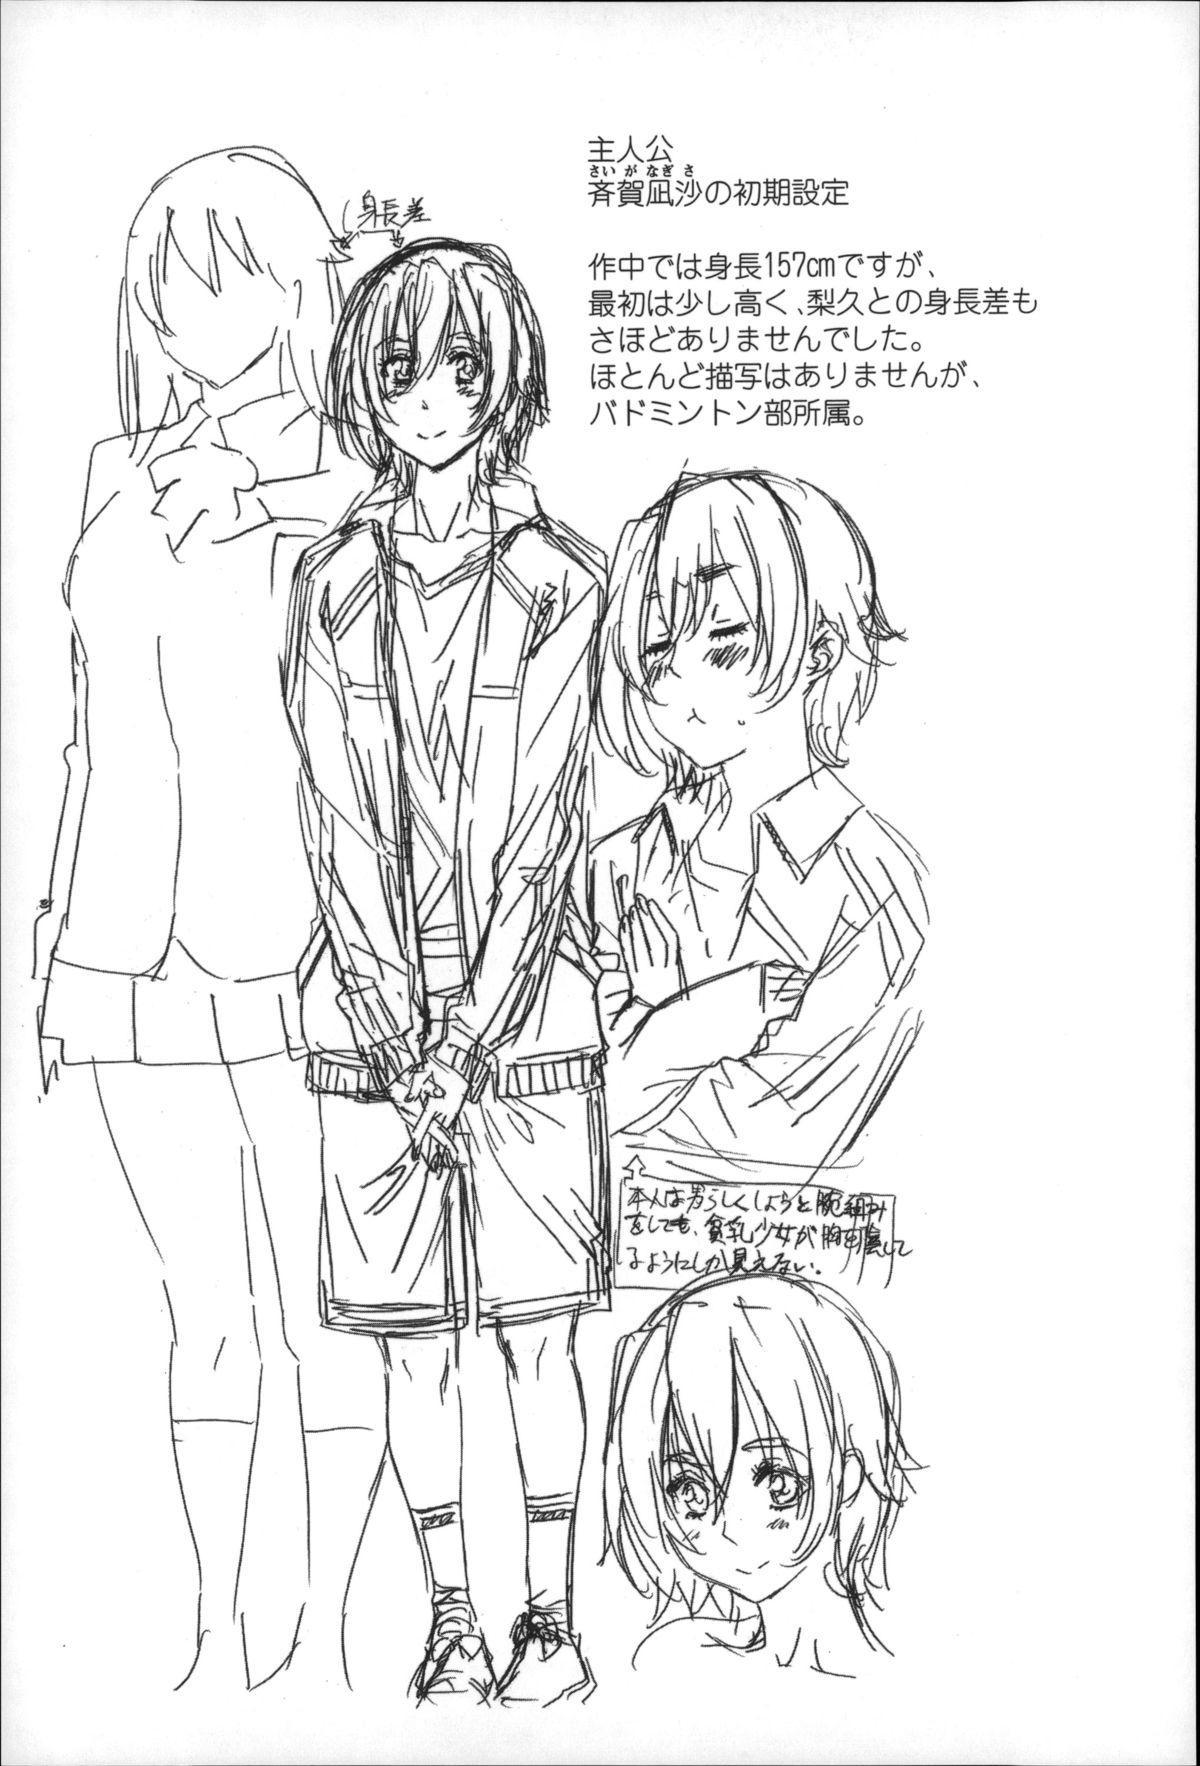 Choushin de Mukuchi no Kanojo ga Hatsujou Shite Kitara Eroiyo ne? 108